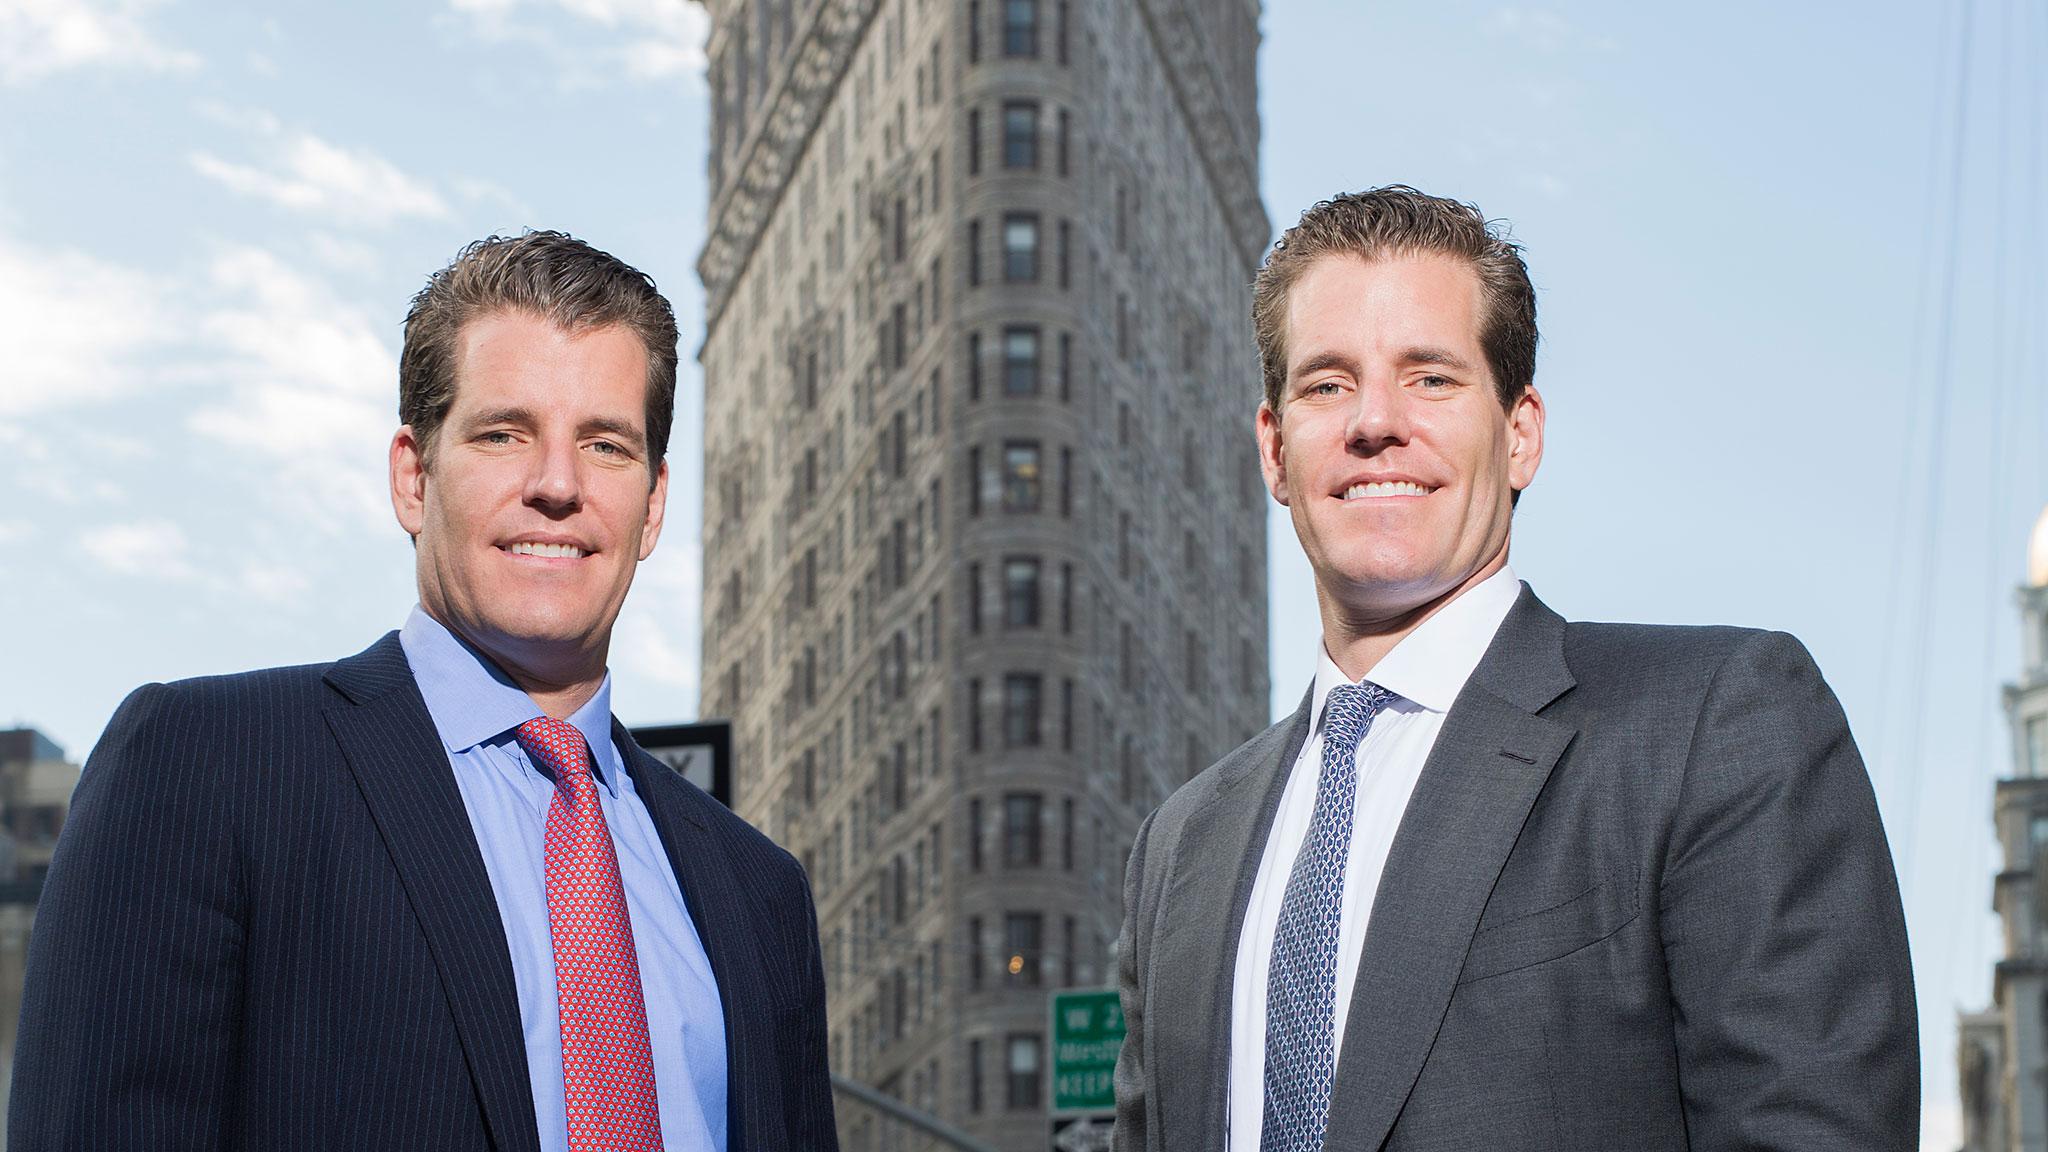 I gemelli Winklevoss sono diventati miliardari... grazie ai Bitcoin